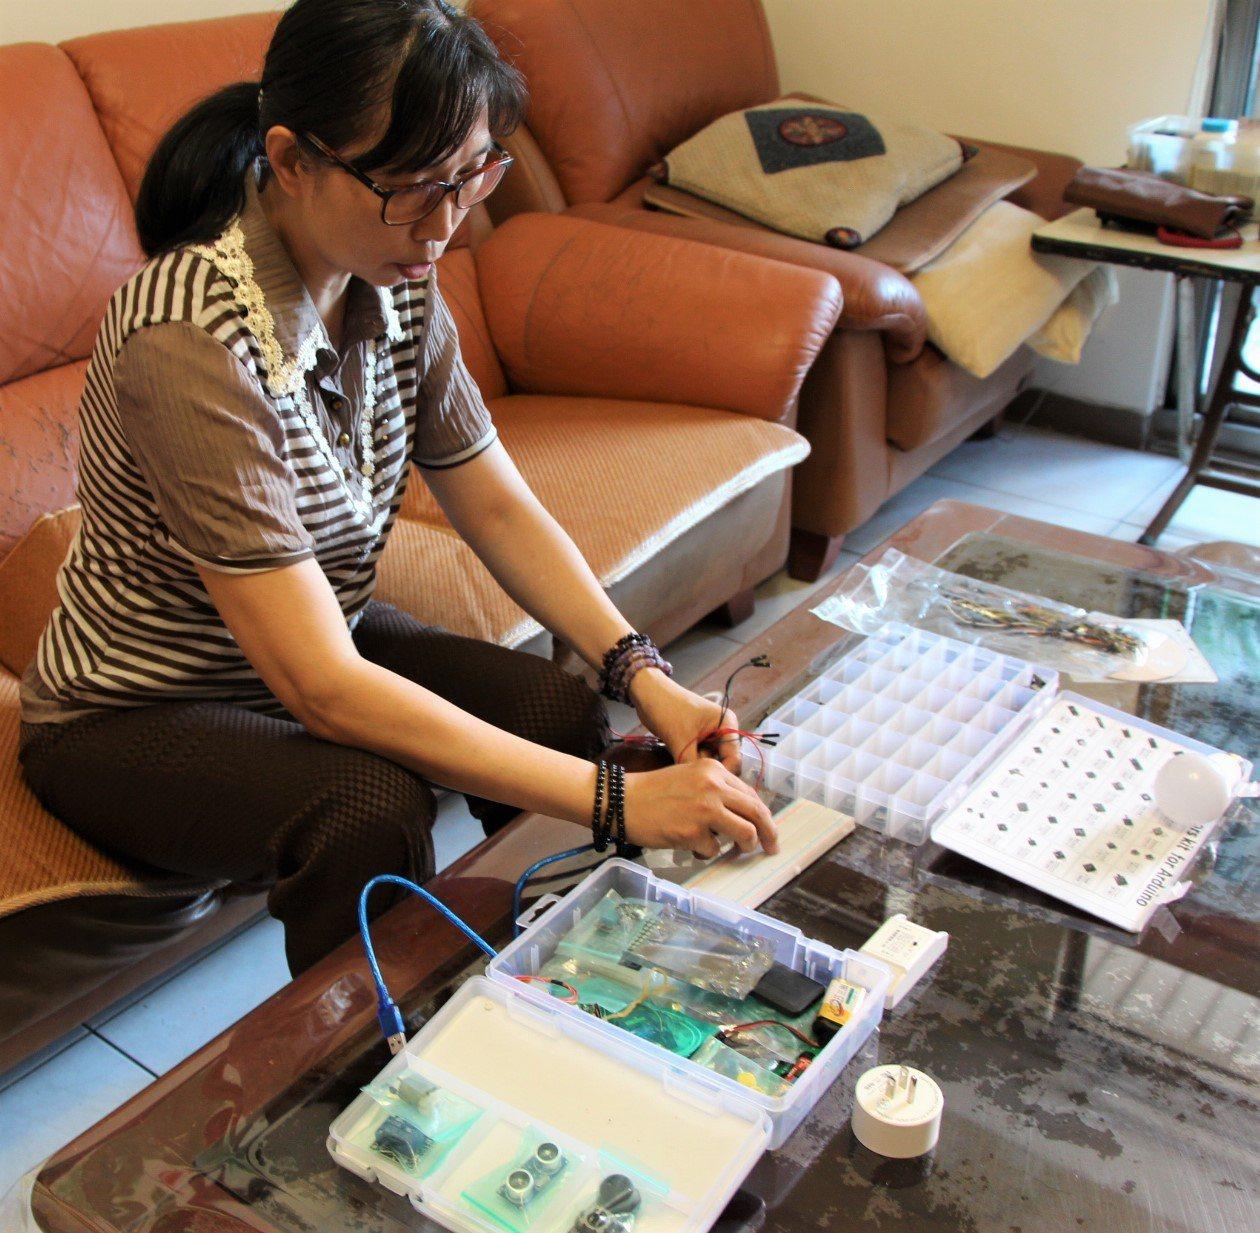 屏東縣55歲劉祖貞熱愛學習,參加職訓課程訓練,撰寫程式語言、運用感測元件都難不倒...